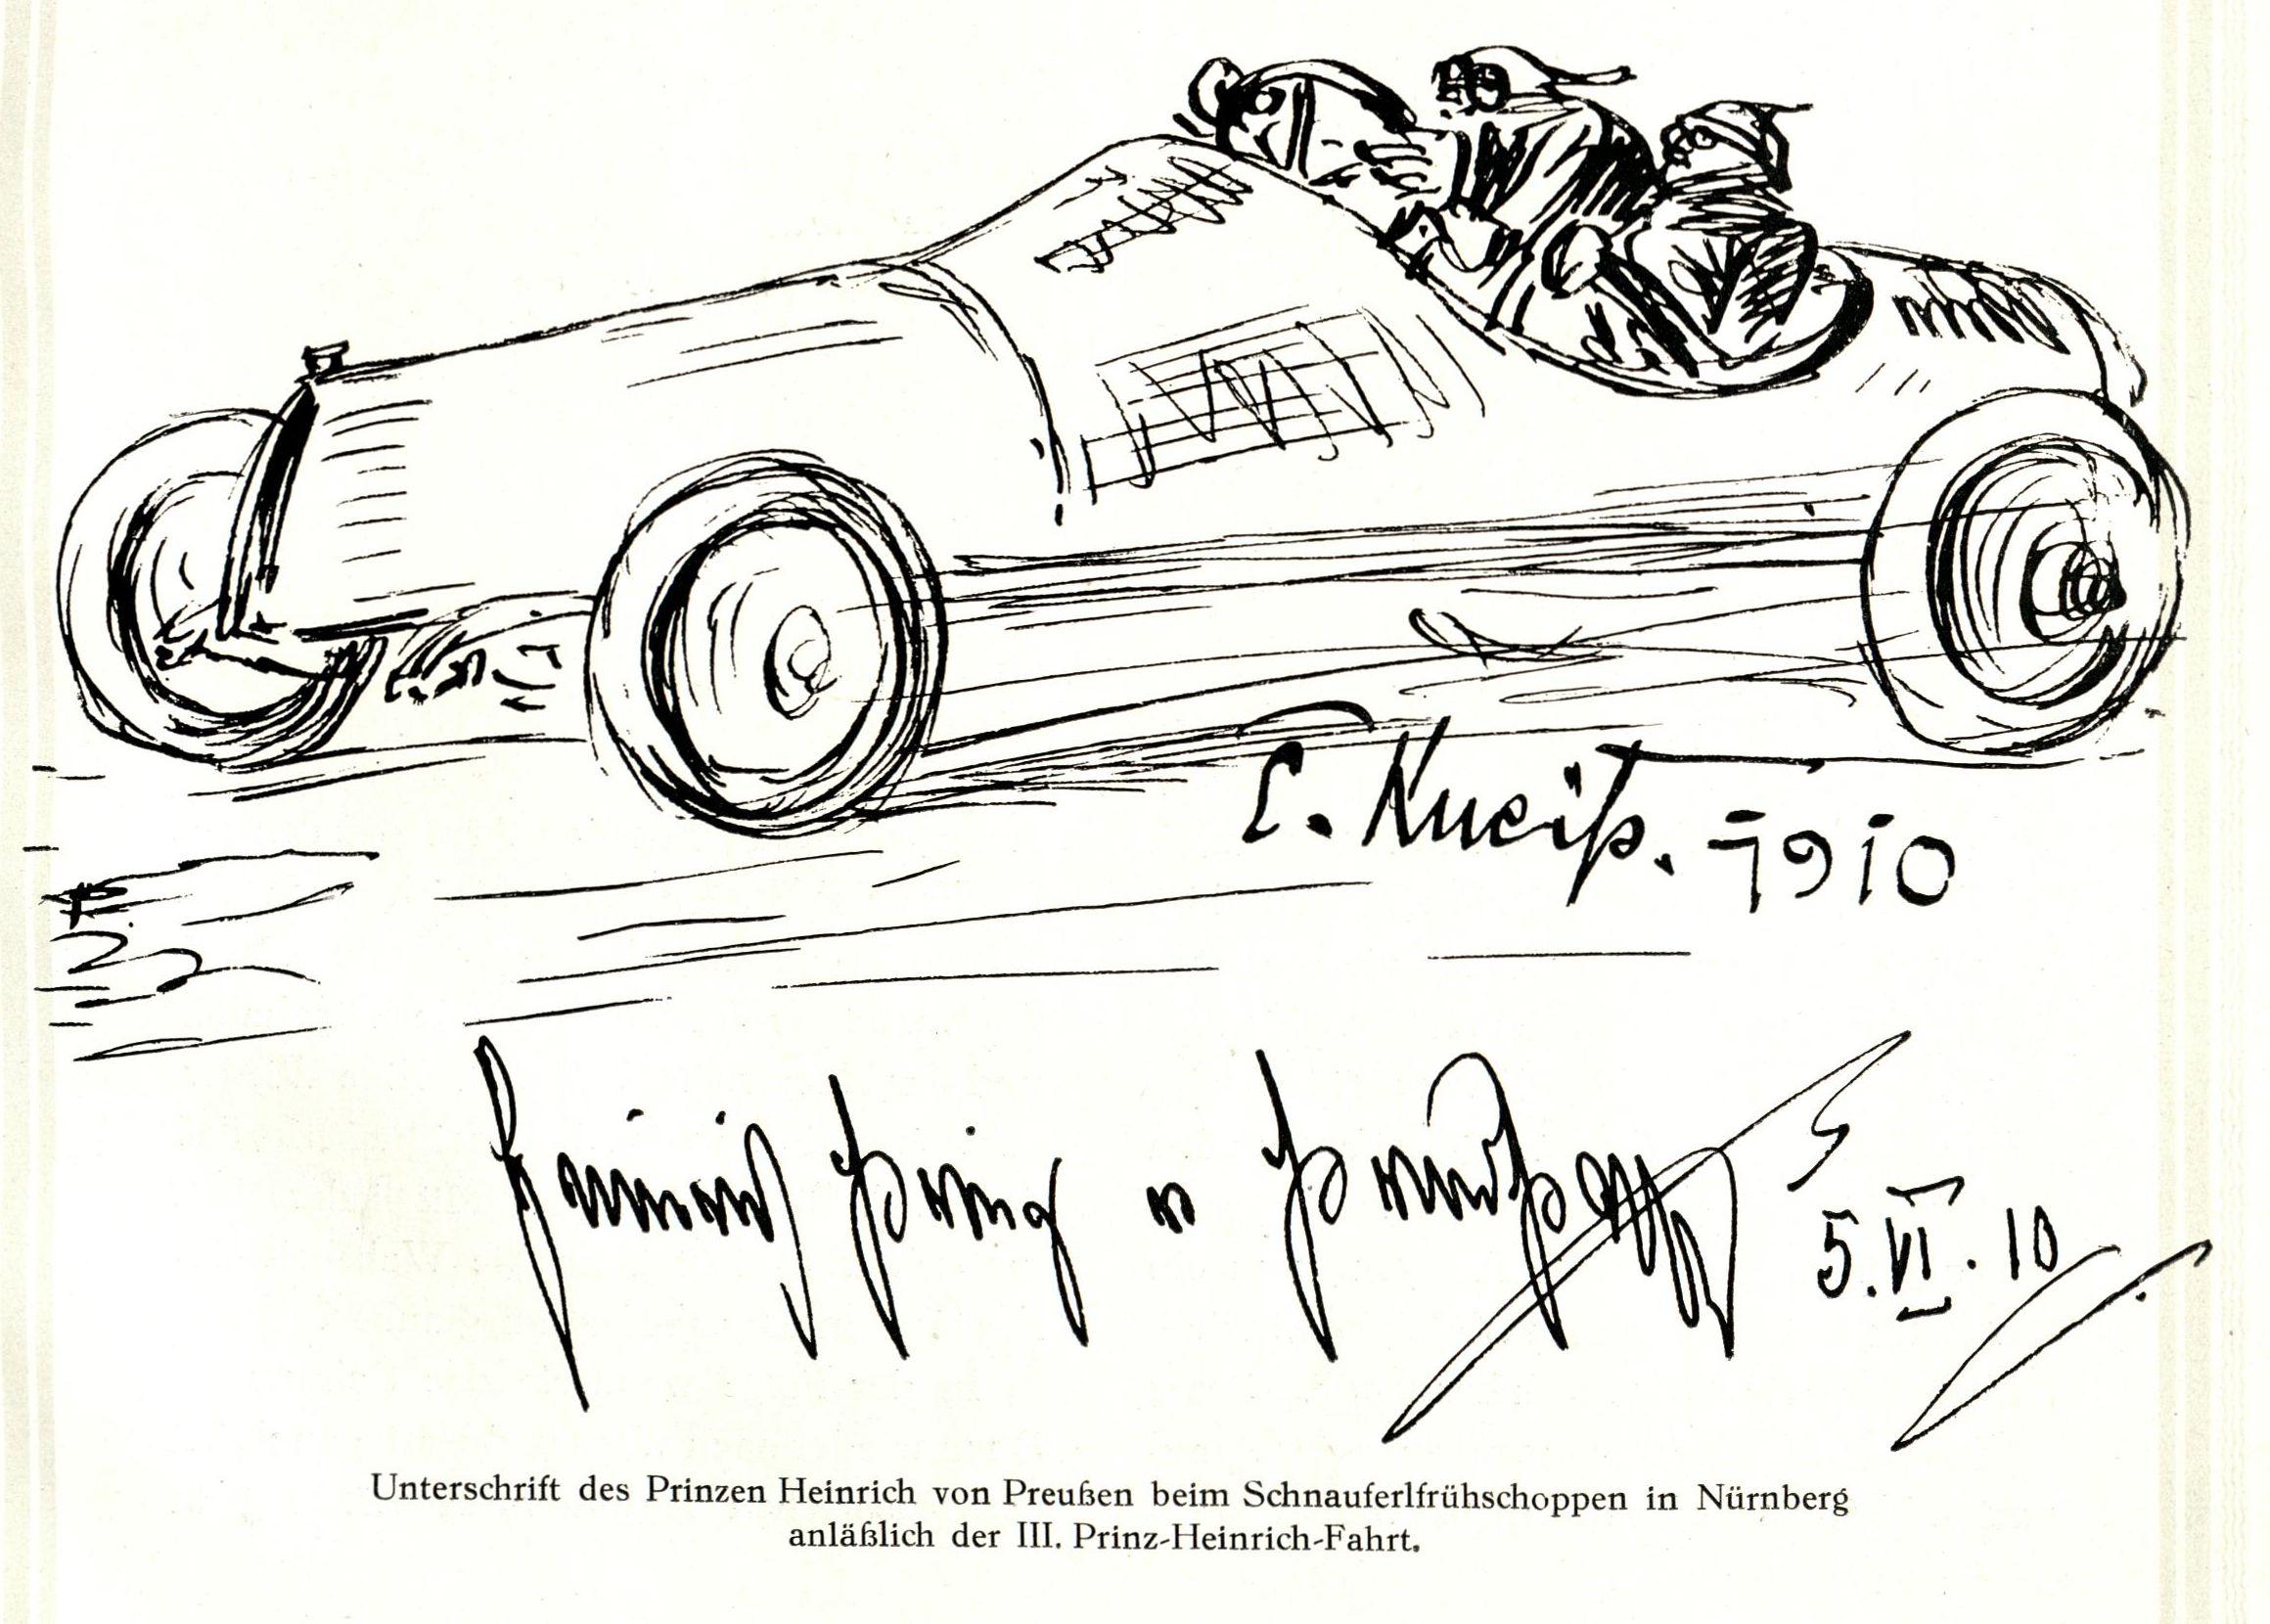 Bild aus der ASC-Festschrift mit Unterschrift des Prinz Heinrich v. Preußen